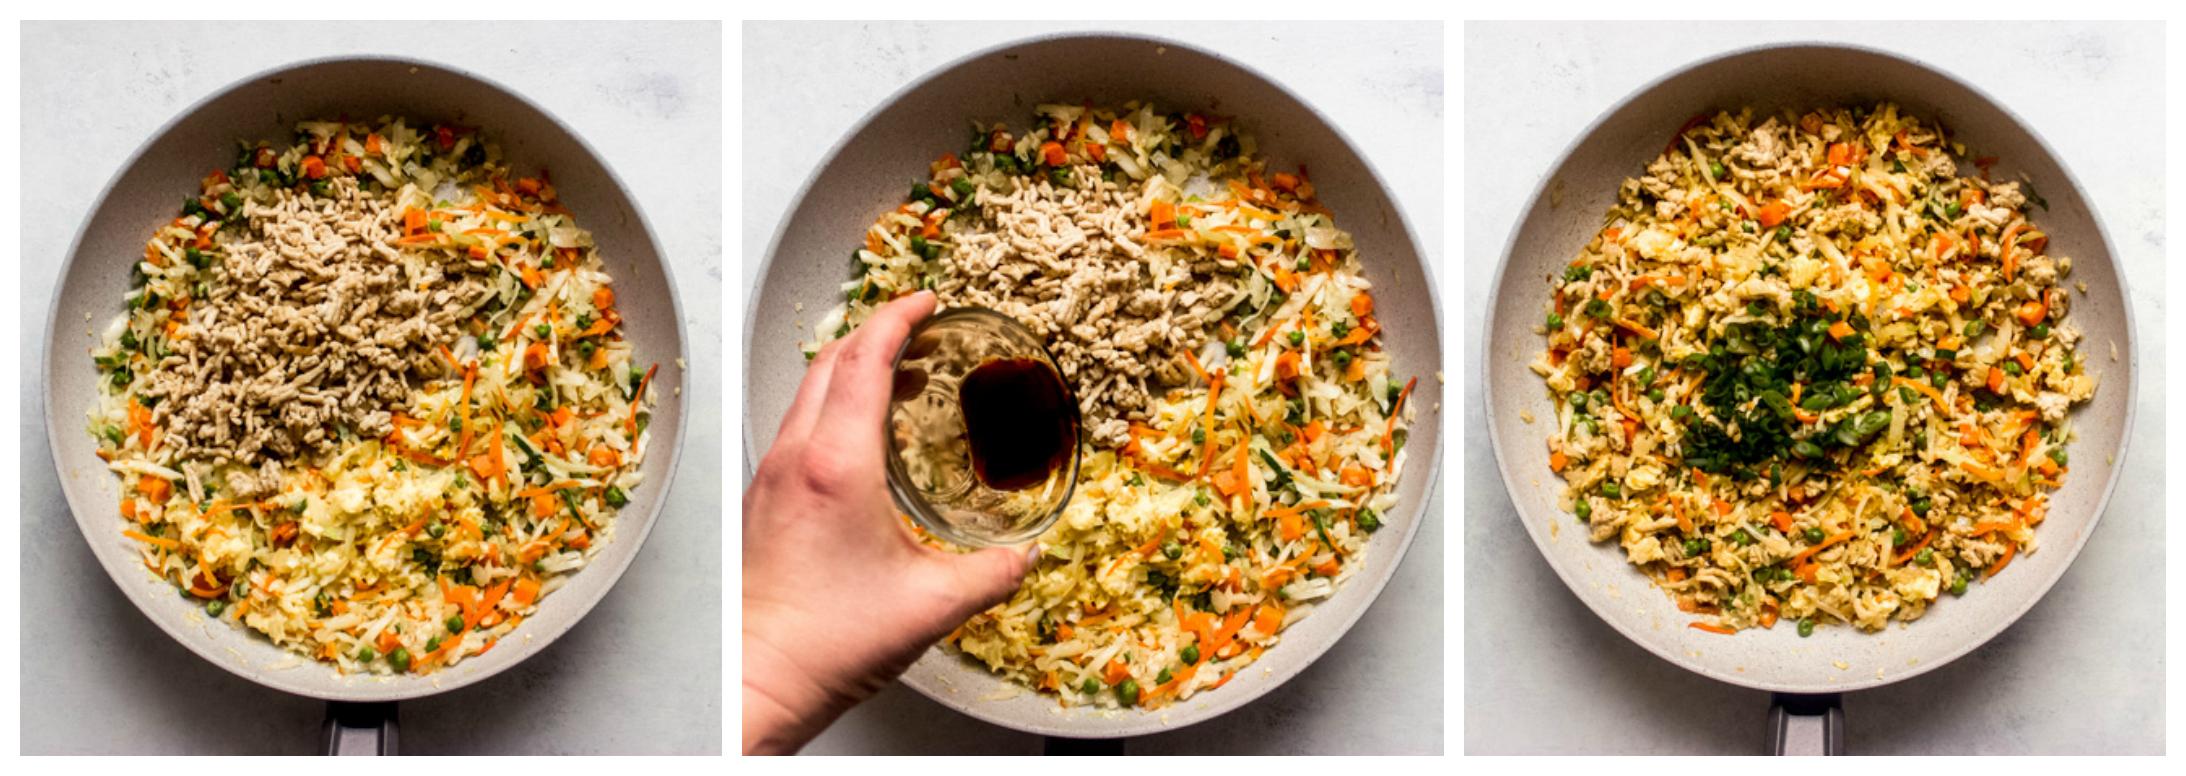 chicken and cabbage stir fry skillet